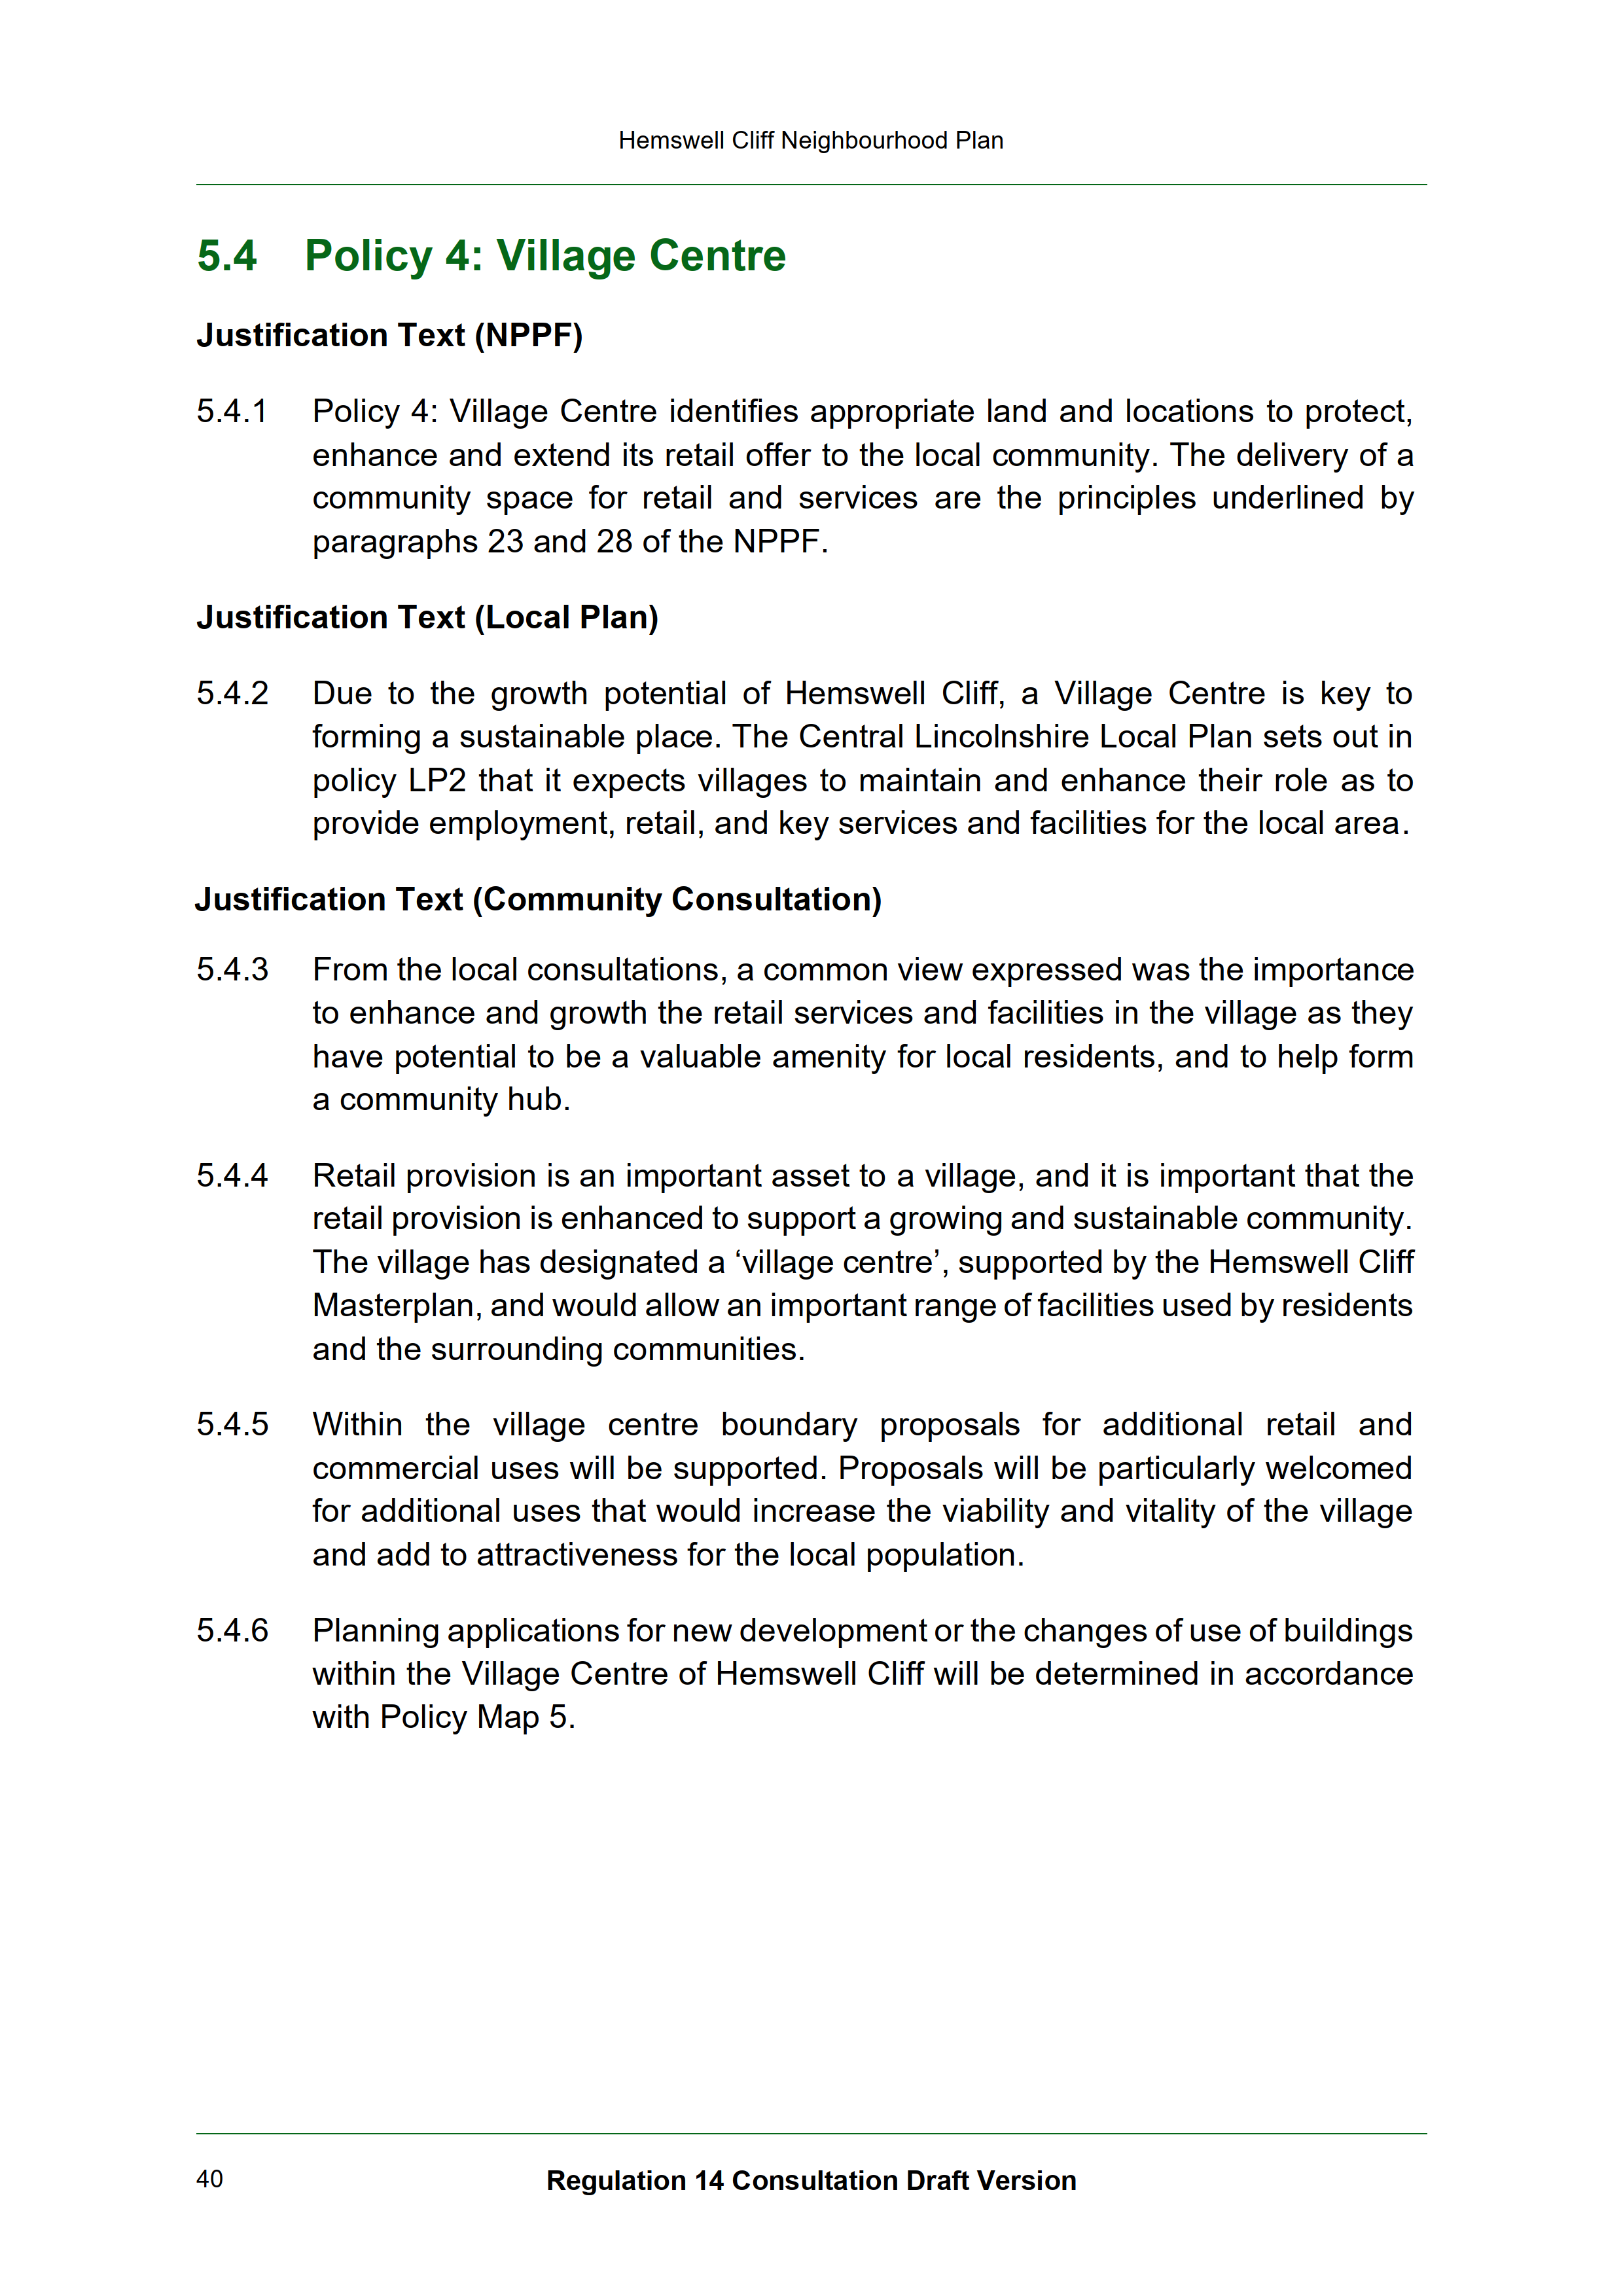 Hemswell_Cliff_R14_Draft_Neighbourhood_Plan_40.png